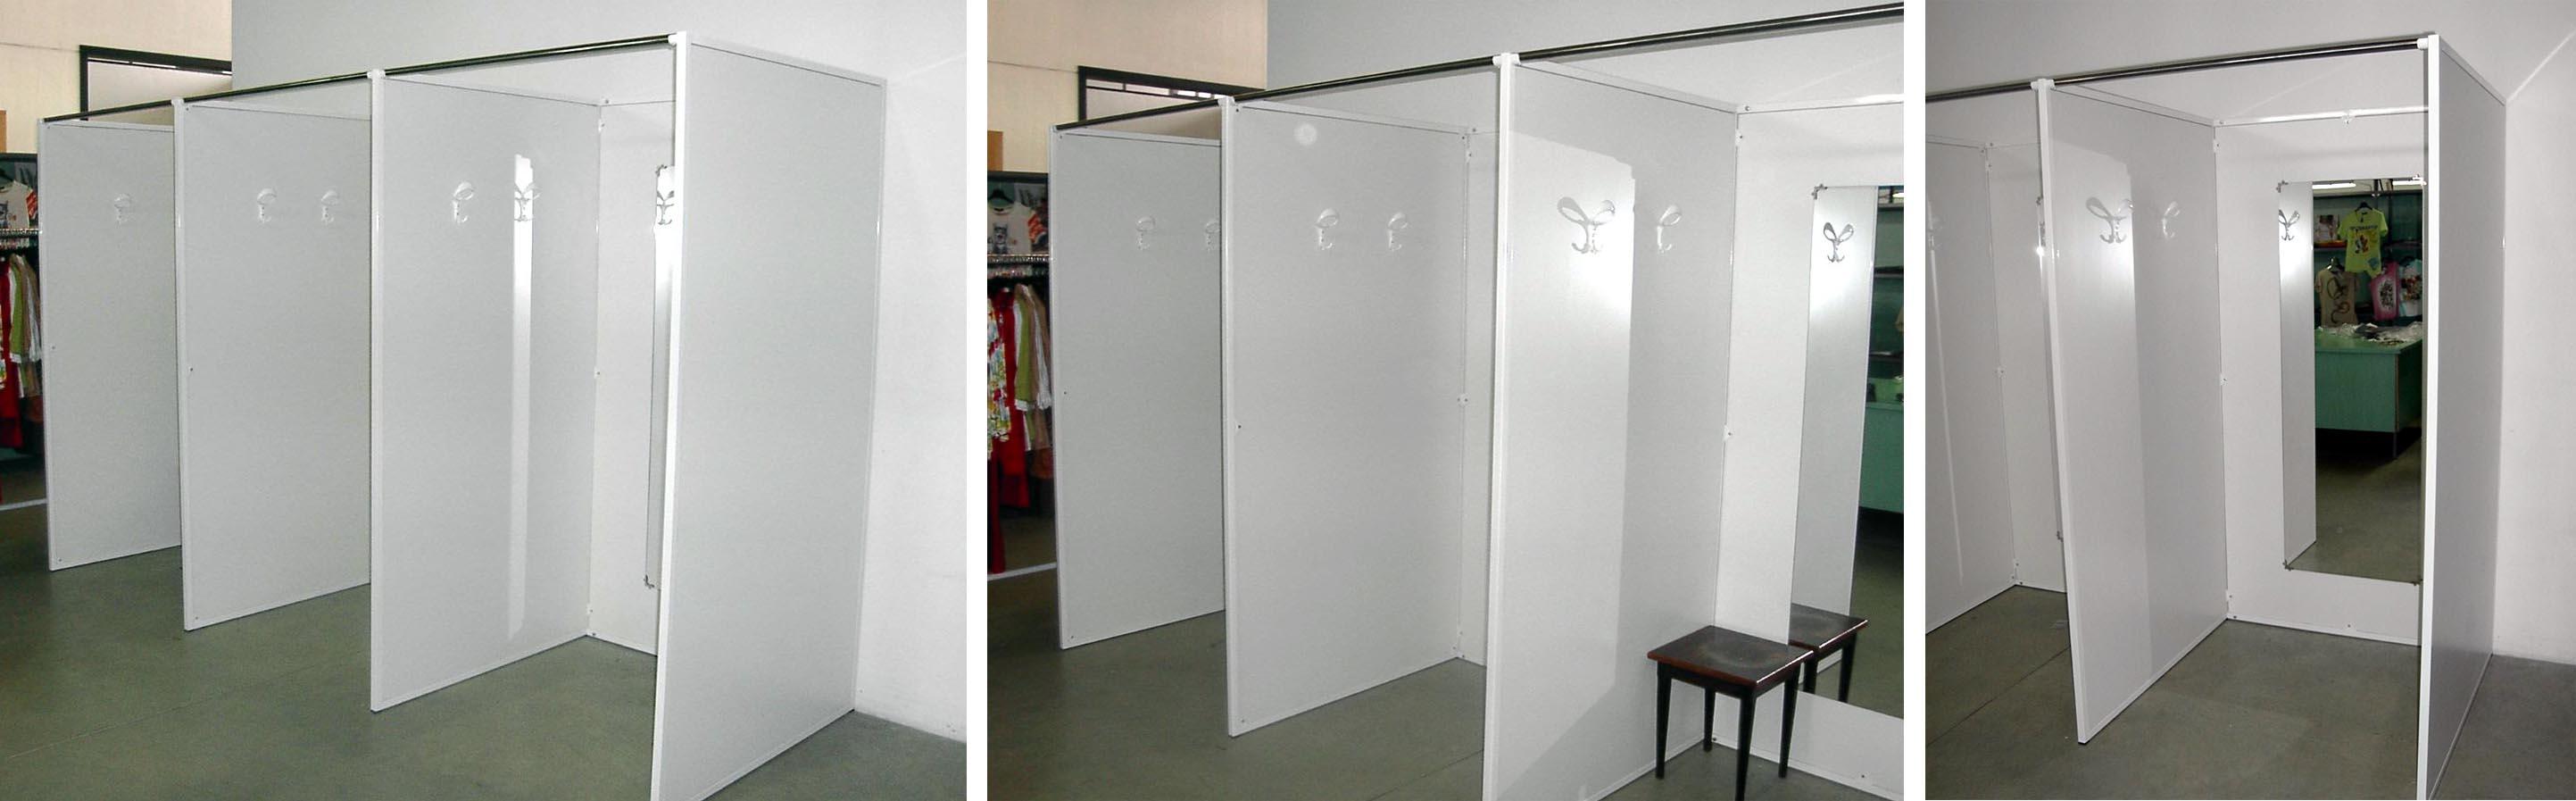 Arredamento negozi fornitura camerini prova produzione for Negozio di metallo con appartamento